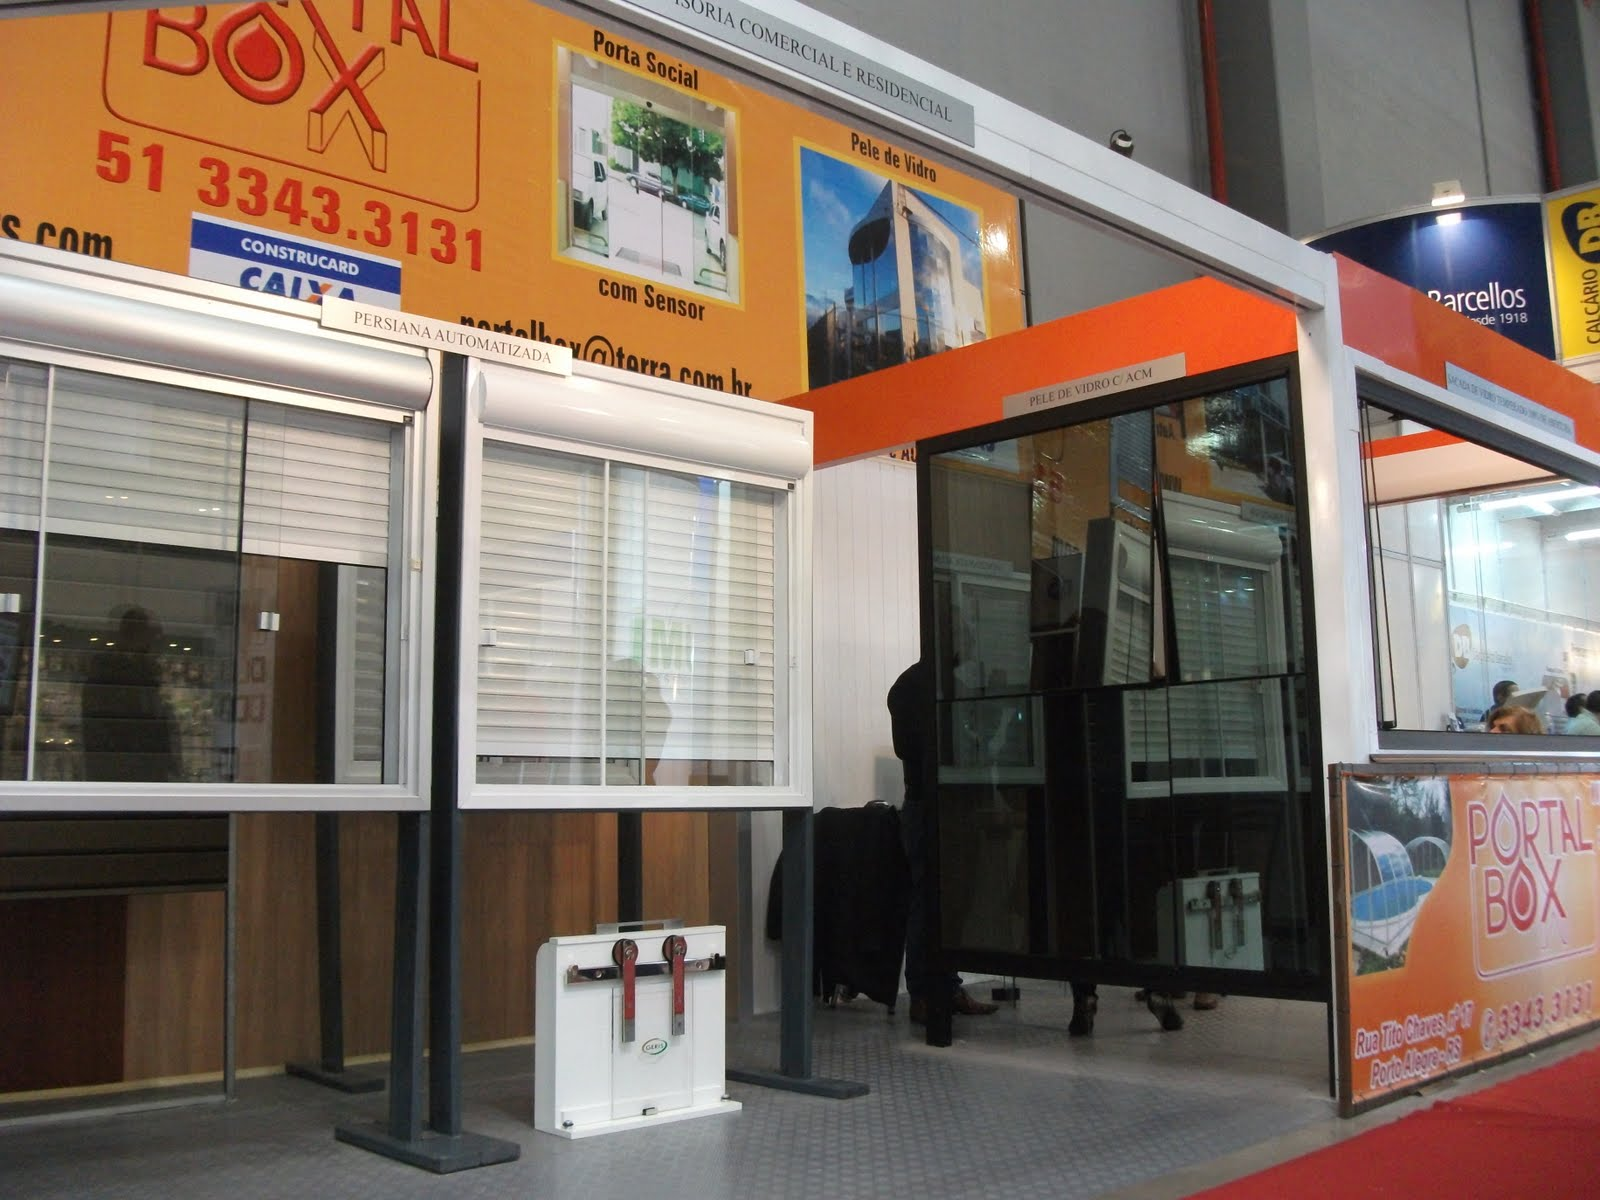 #B03D1B  De Bem a Construsul é um local de pré venda um ponto de 62 Janelas De Vidro Duplo Porto Alegre